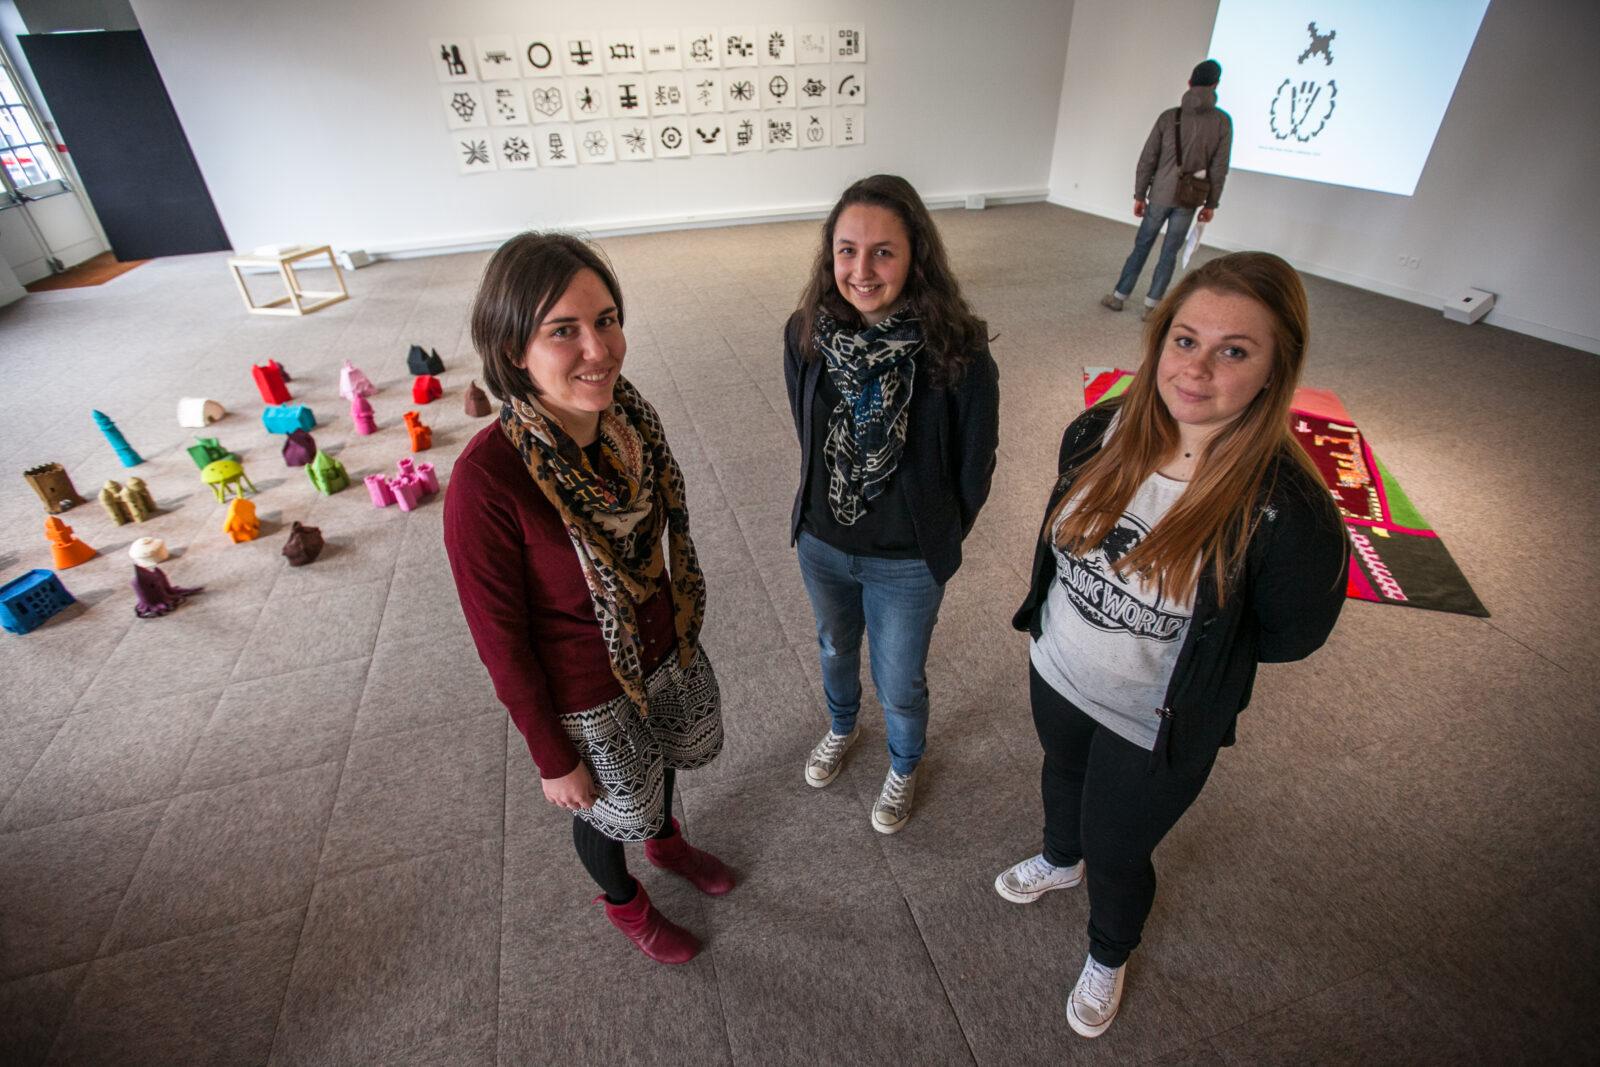 Exposition culturelle organisée par des étudiants